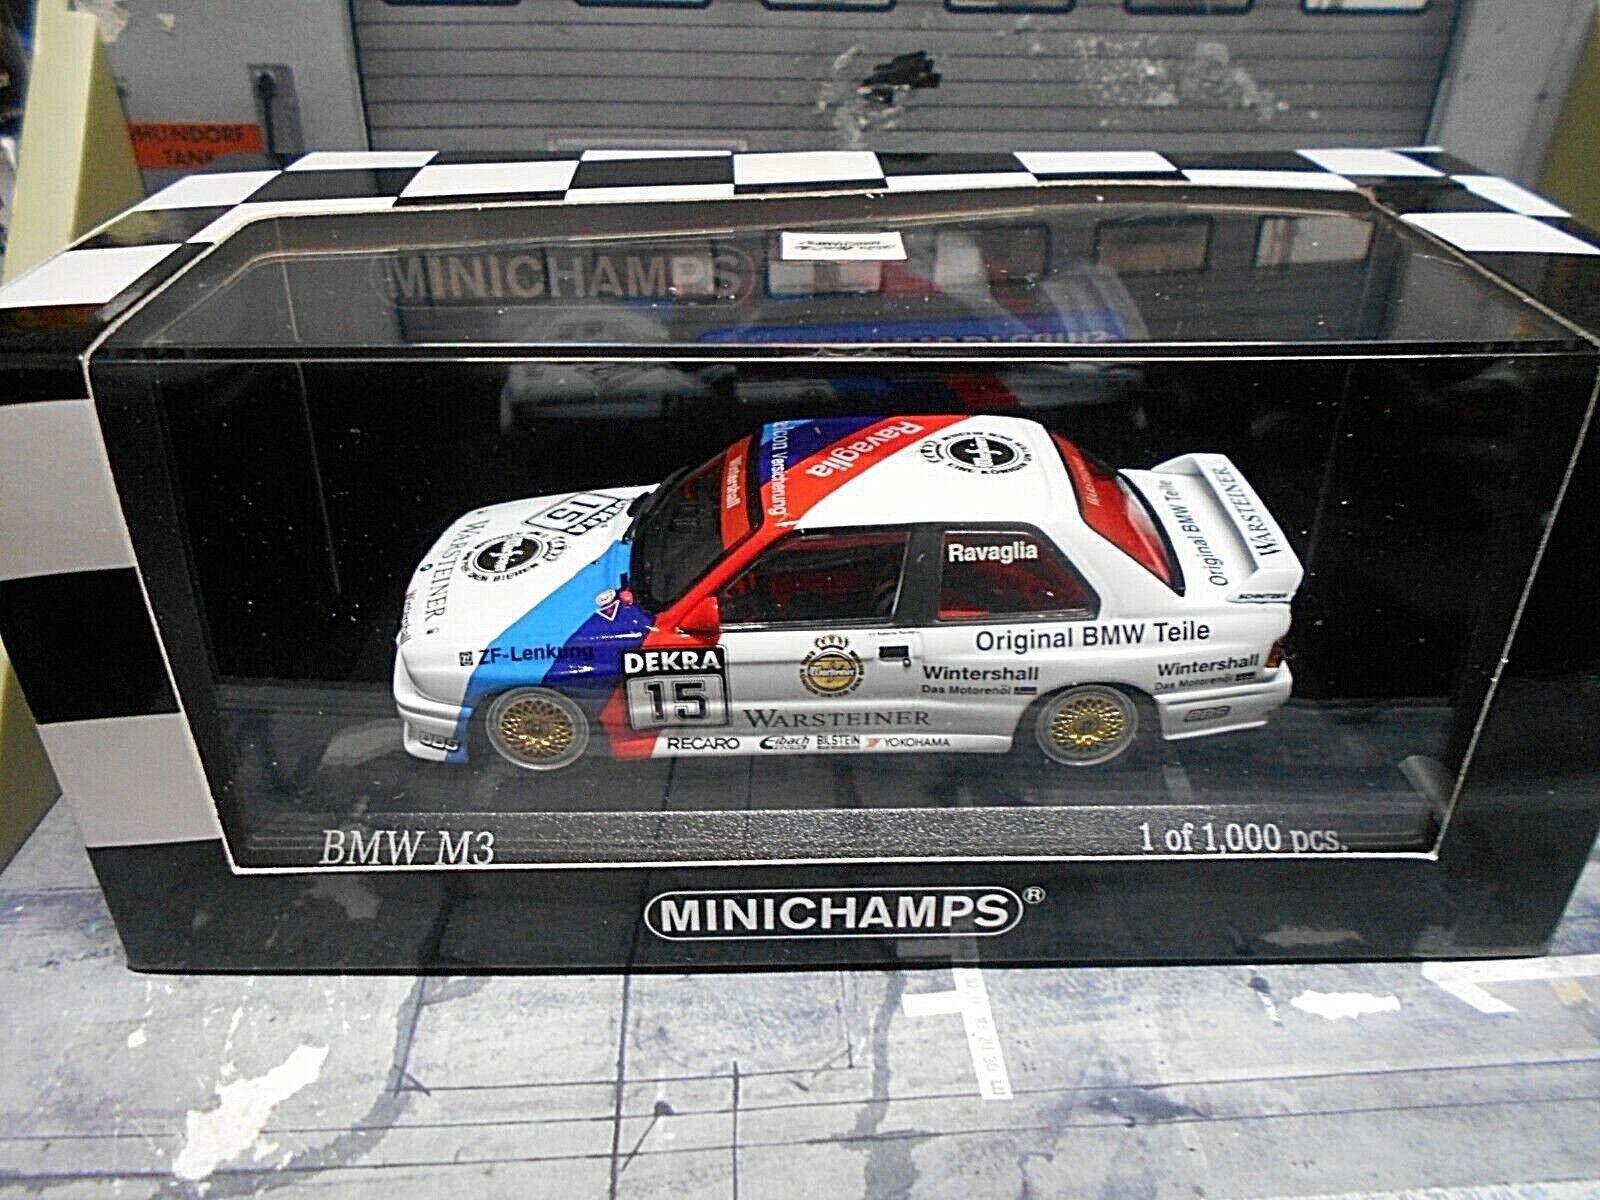 BMW m3 e30 DTM 1989  15 15 15 Ravaglia Warsteiner M-TEAM Schnitzer Minichamps 1 43 a83545